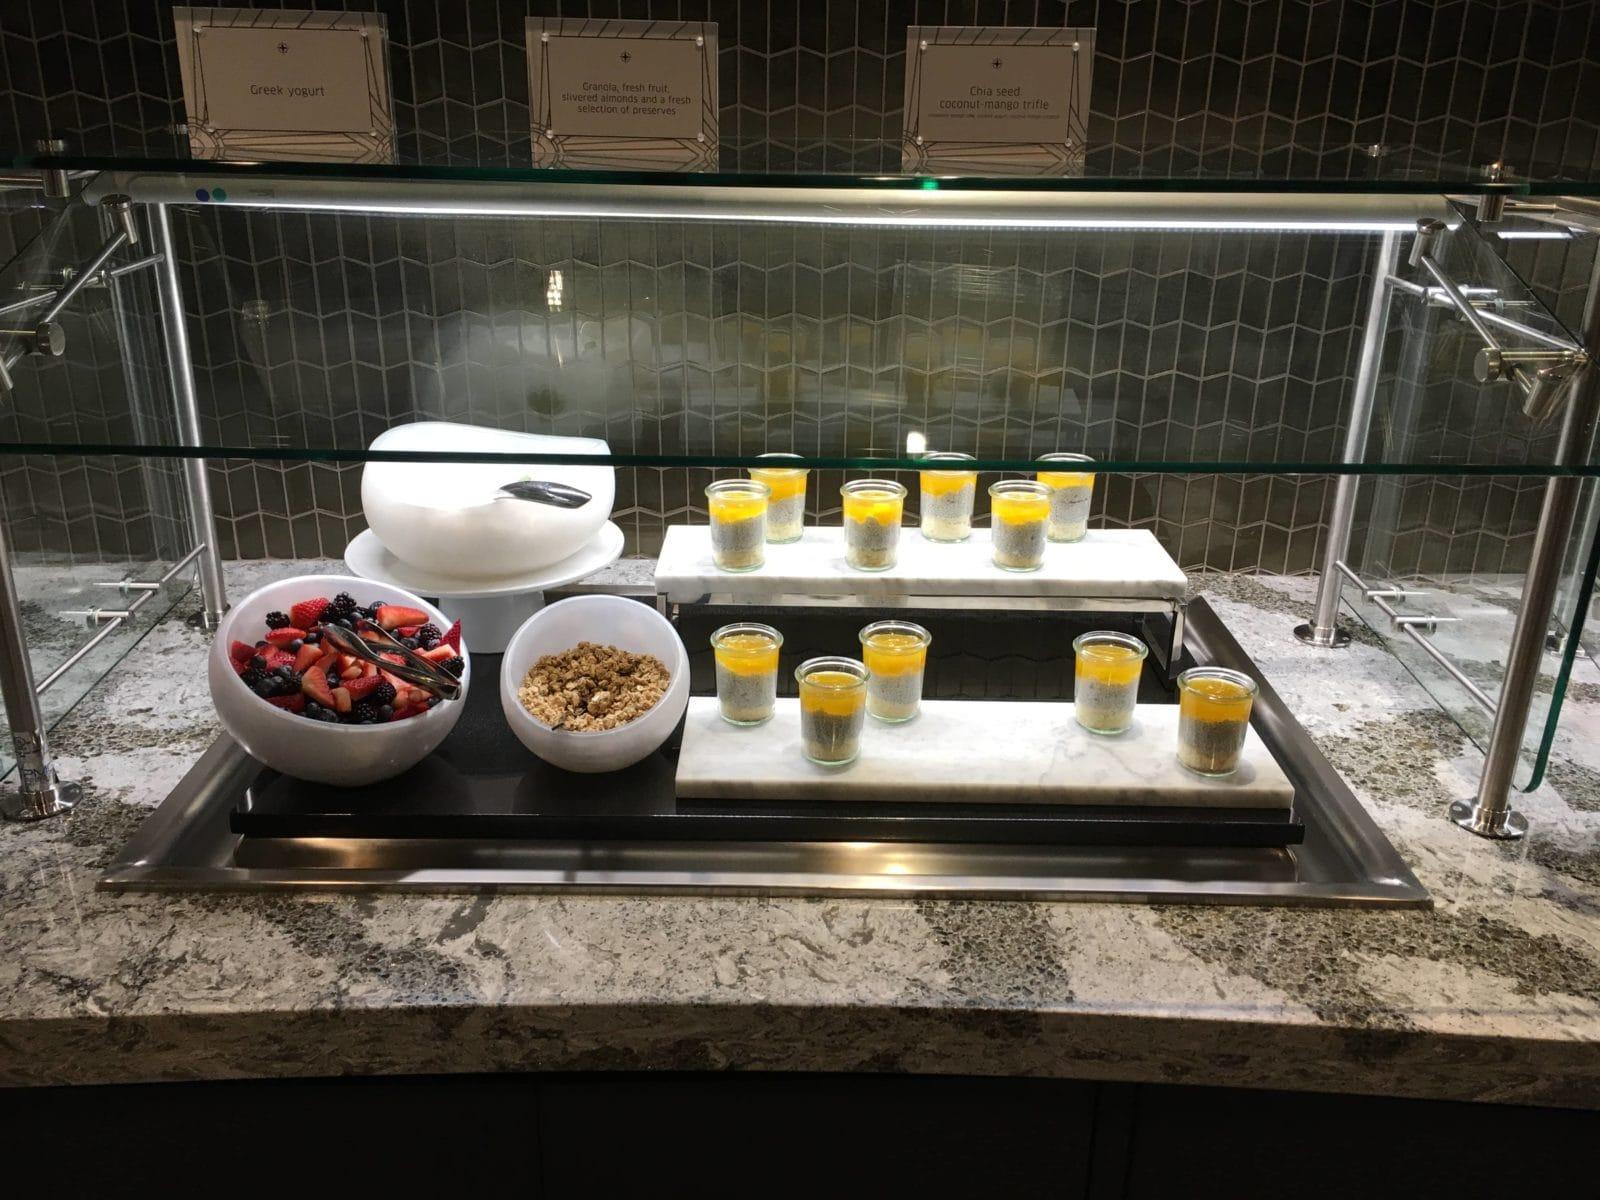 United Polaris Lounge LAX - Joghurt, Müsli, Früchte und eine Art Dessert